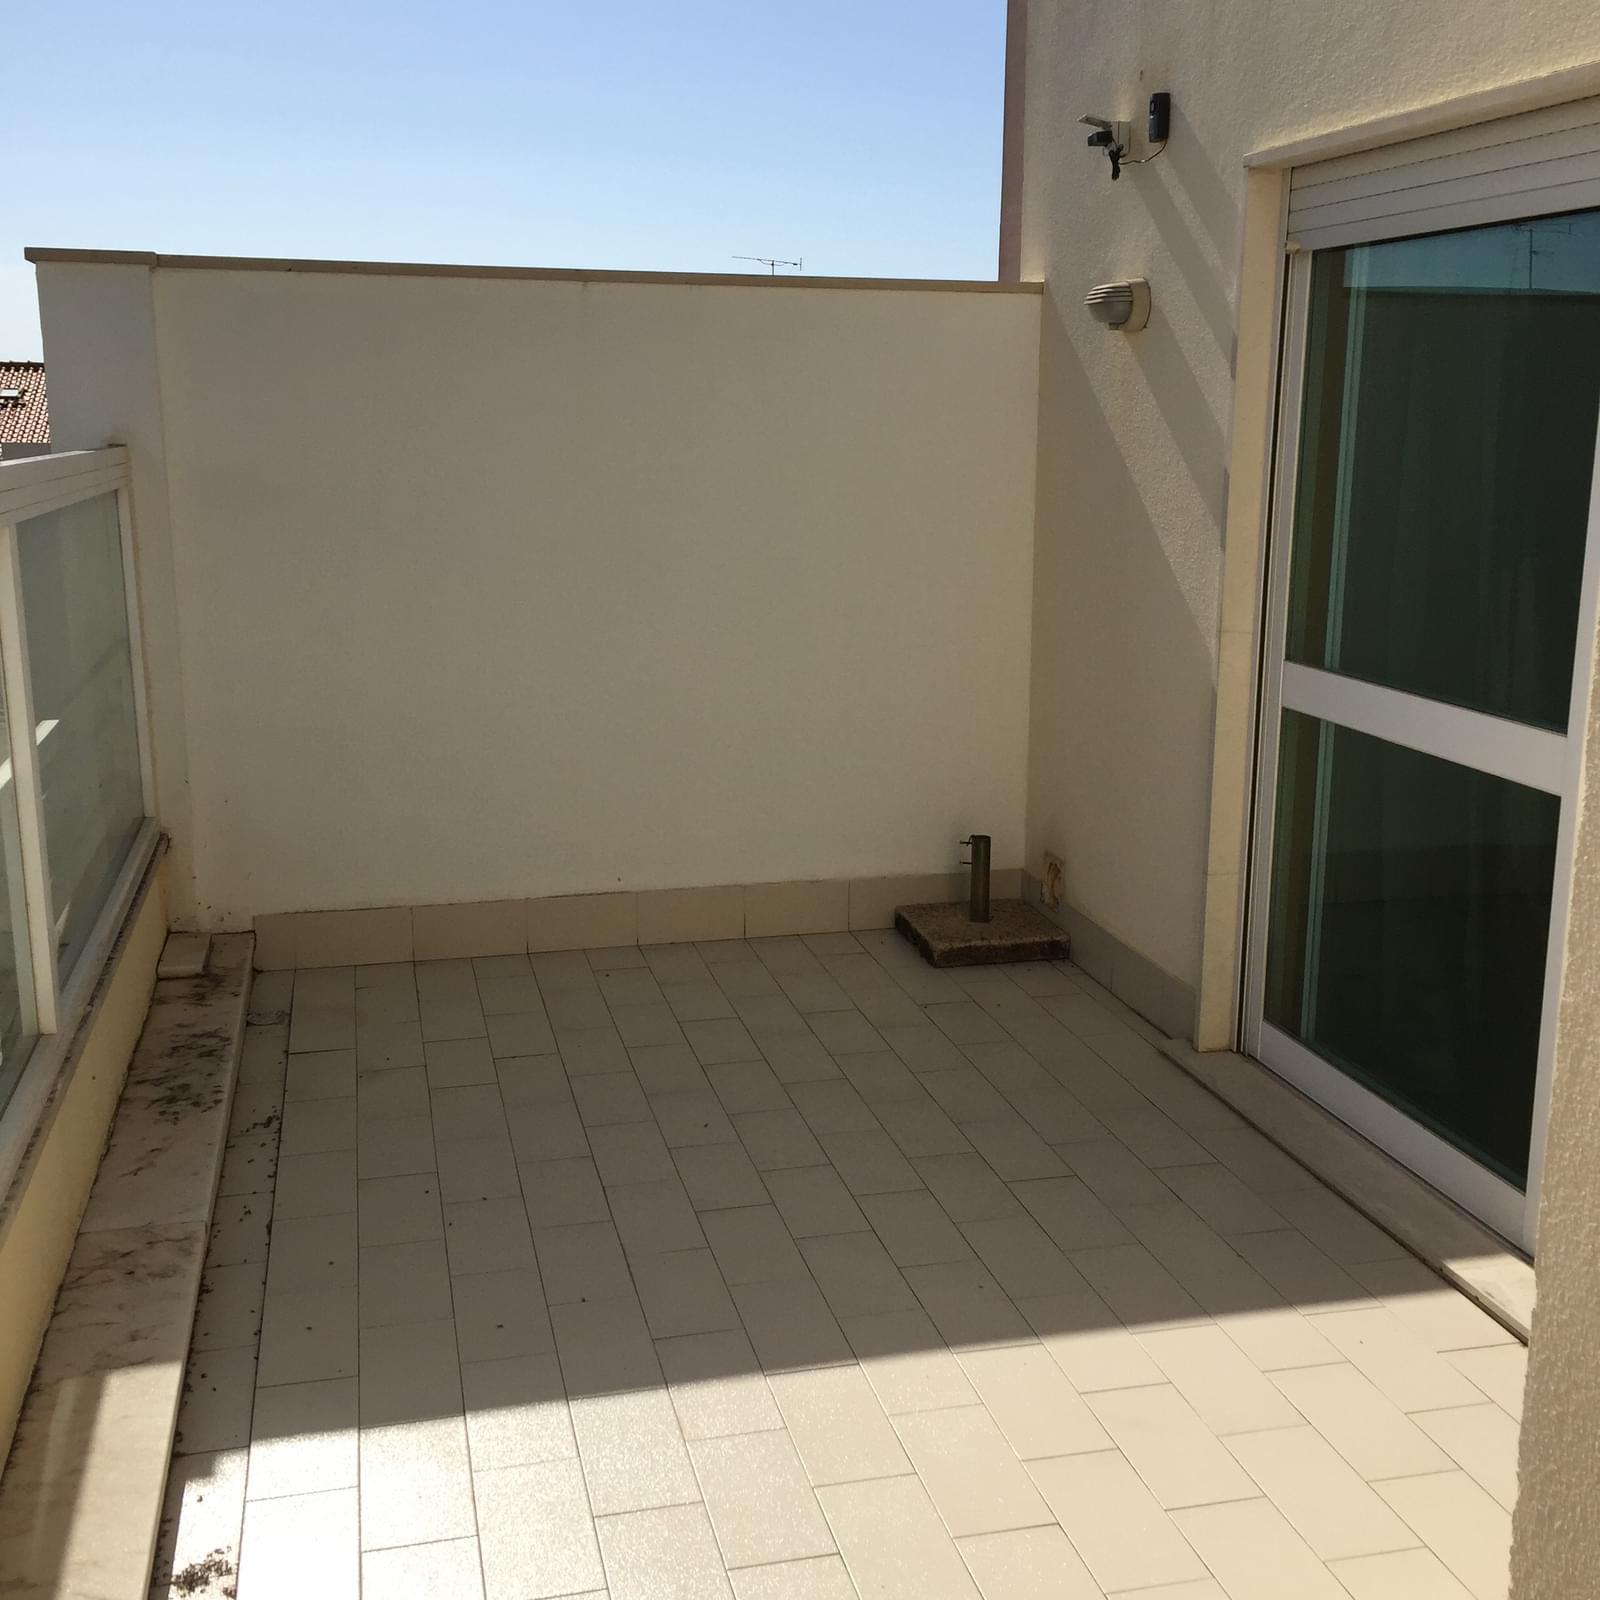 pf18450-apartamento-t3-cascais-e60be704-a747-41e1-bcb1-baf03be103f7